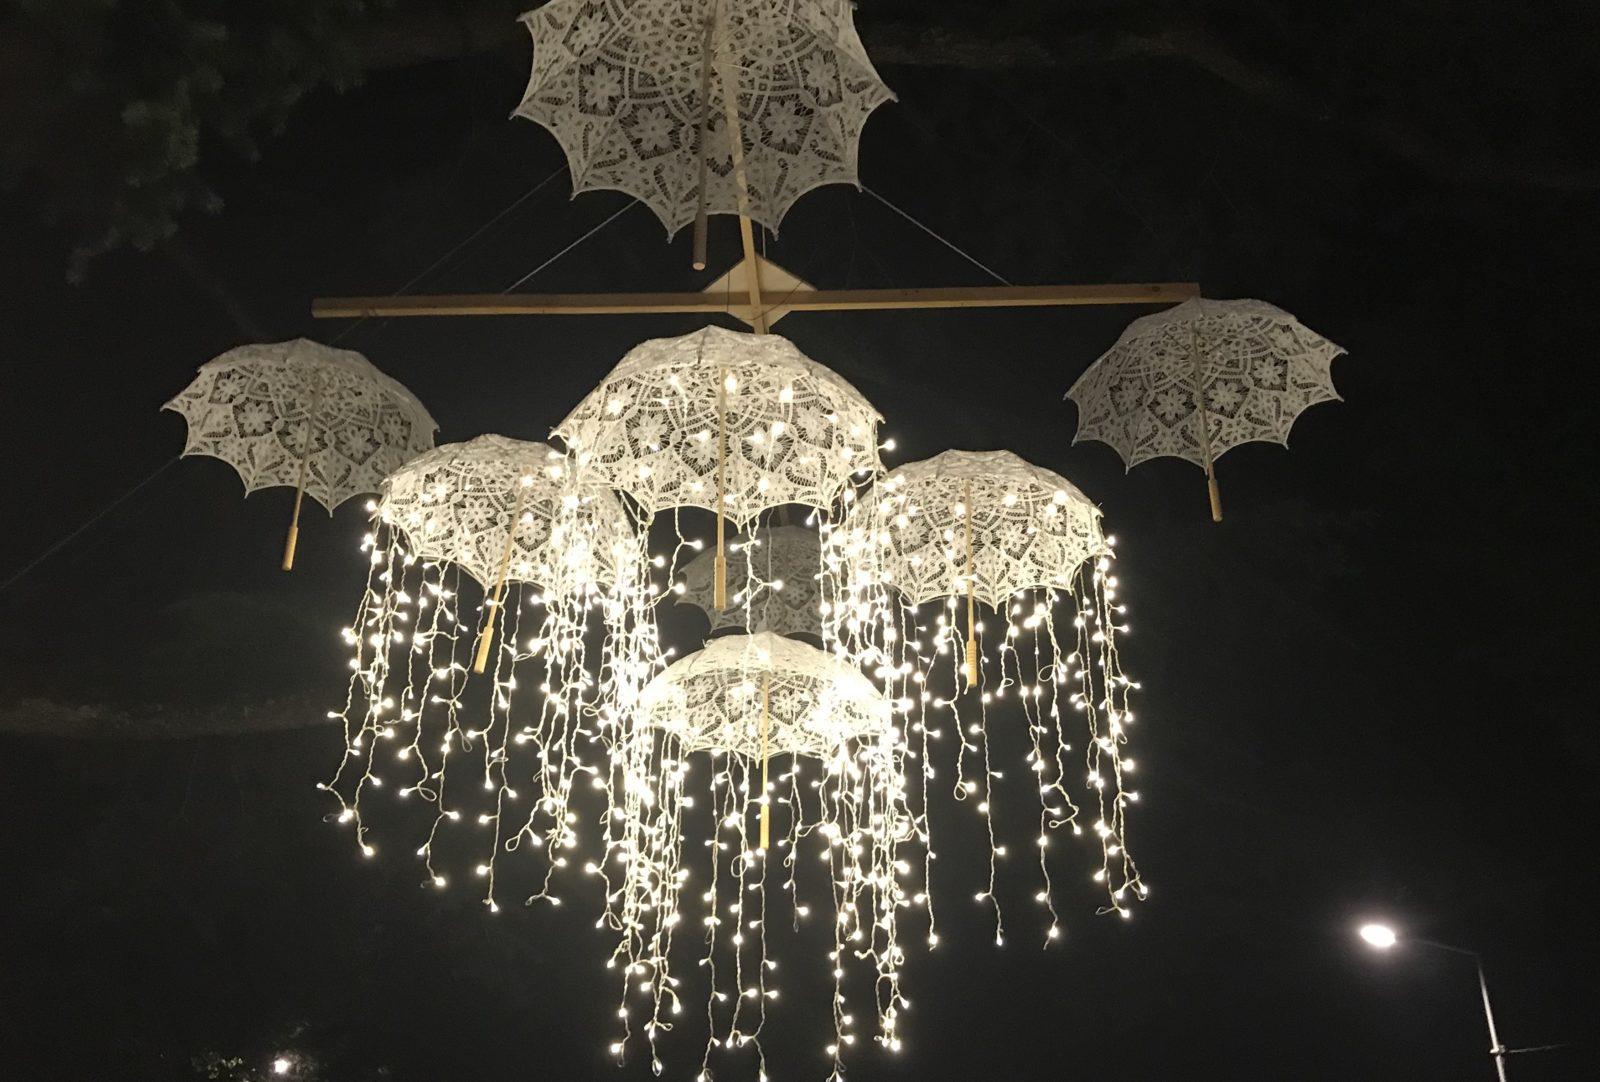 Fête à Ferney-Voltaire 2019 parasols lumineux